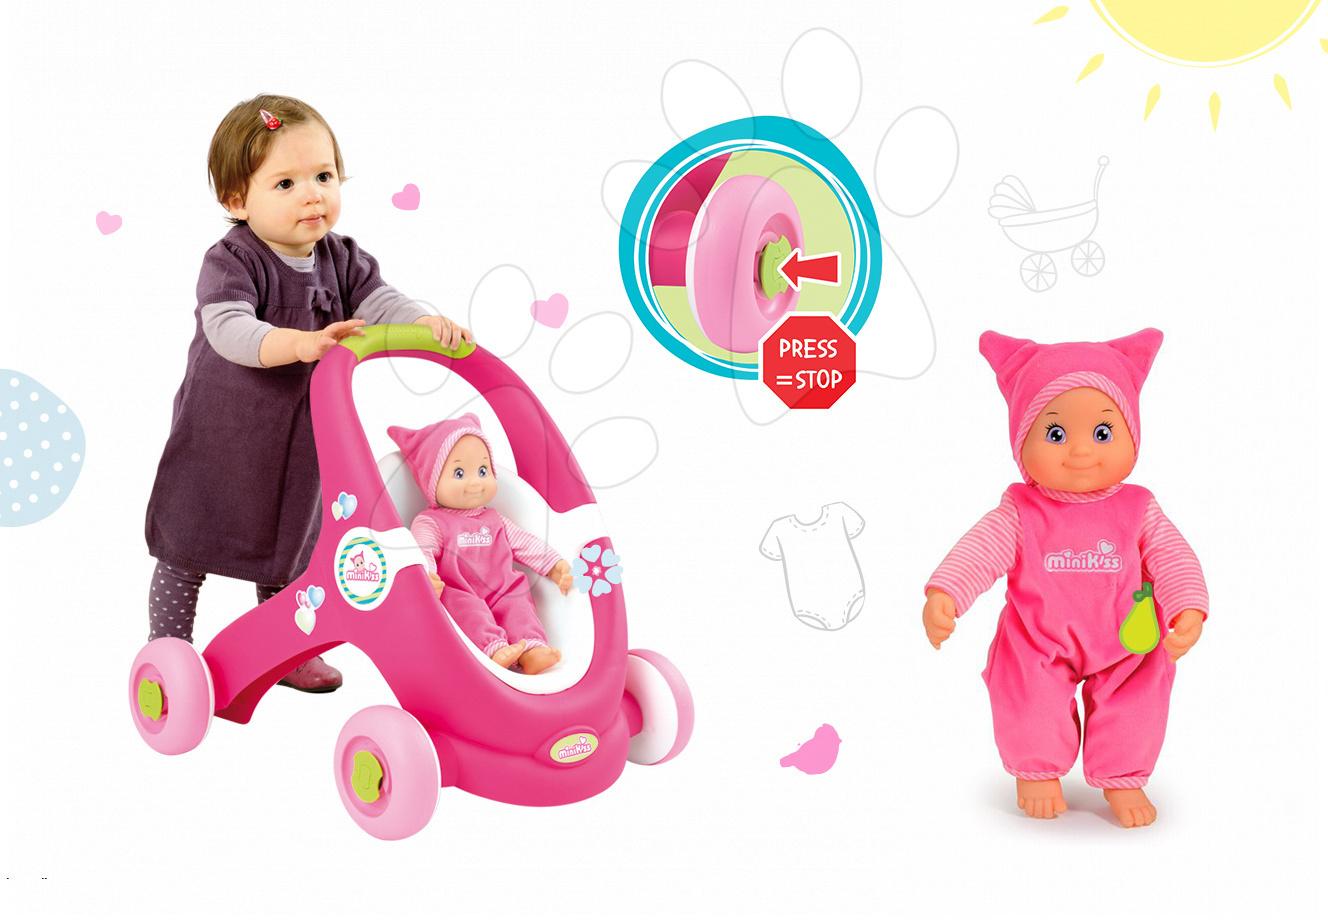 Set chodítko a kočárek pro panenku 2v1 MiniKiss Smoby a panenka se zvukem MiniKiss v čepičce od 12 měsíců